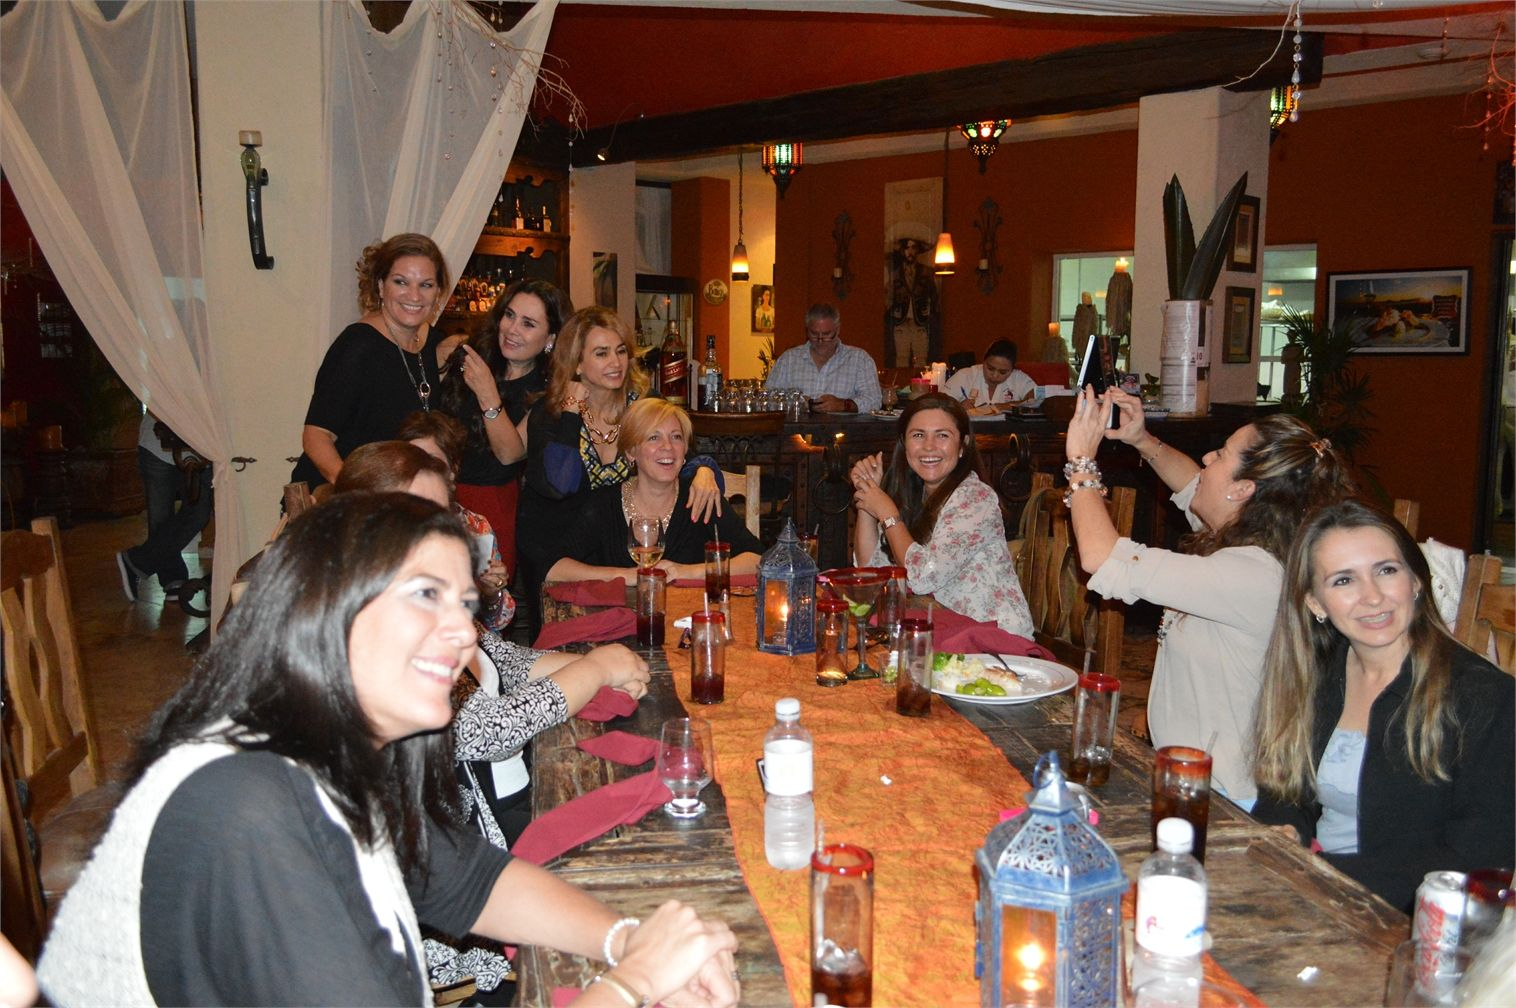 Birthday Celebration in Los Cabos, Restaurantes de los Cabos, Los Cabos Restaurants, Wedding Anniversary in Los Cabos, Anniversary  Dinner in Los Cabos, Los Cabos Weddings, Cabo Weddings, Rehearsal Dinner in Los Cabos, Cabo San Lucas Weddings,